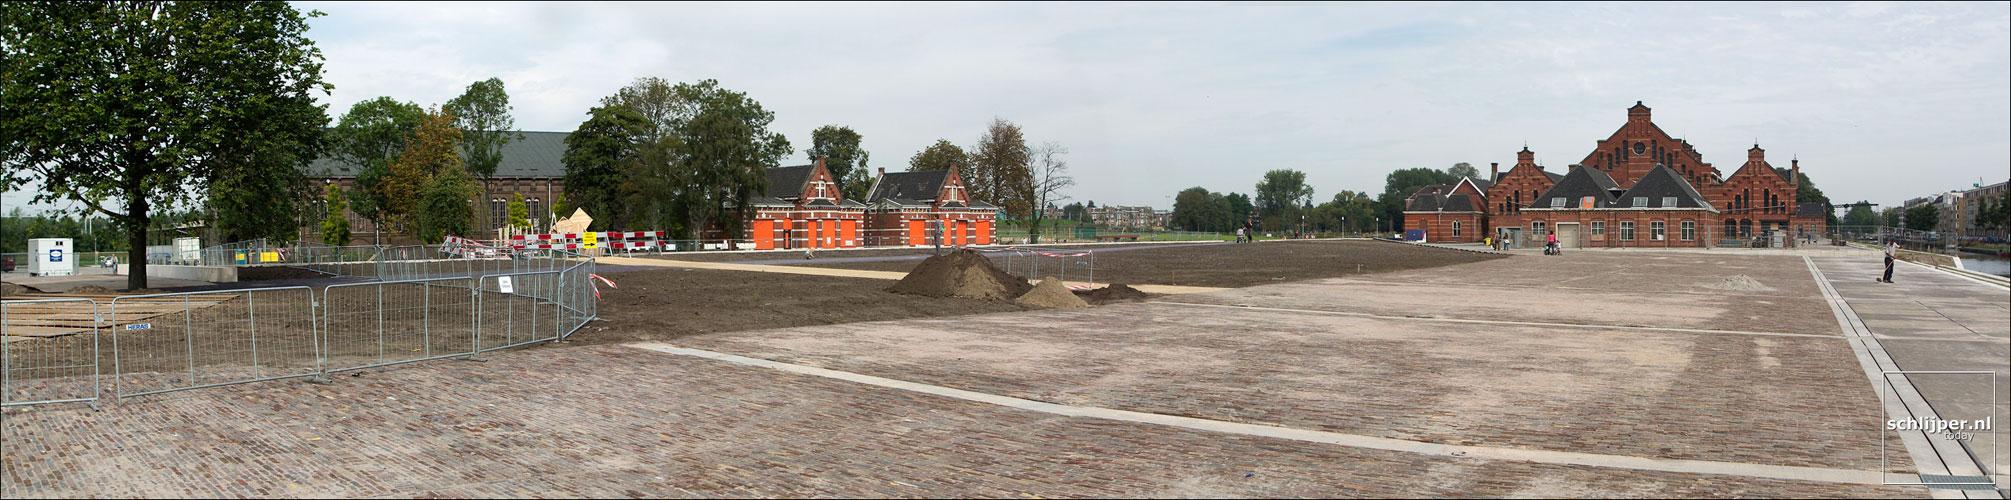 Nederland, Amsterdam, 15 september 2003